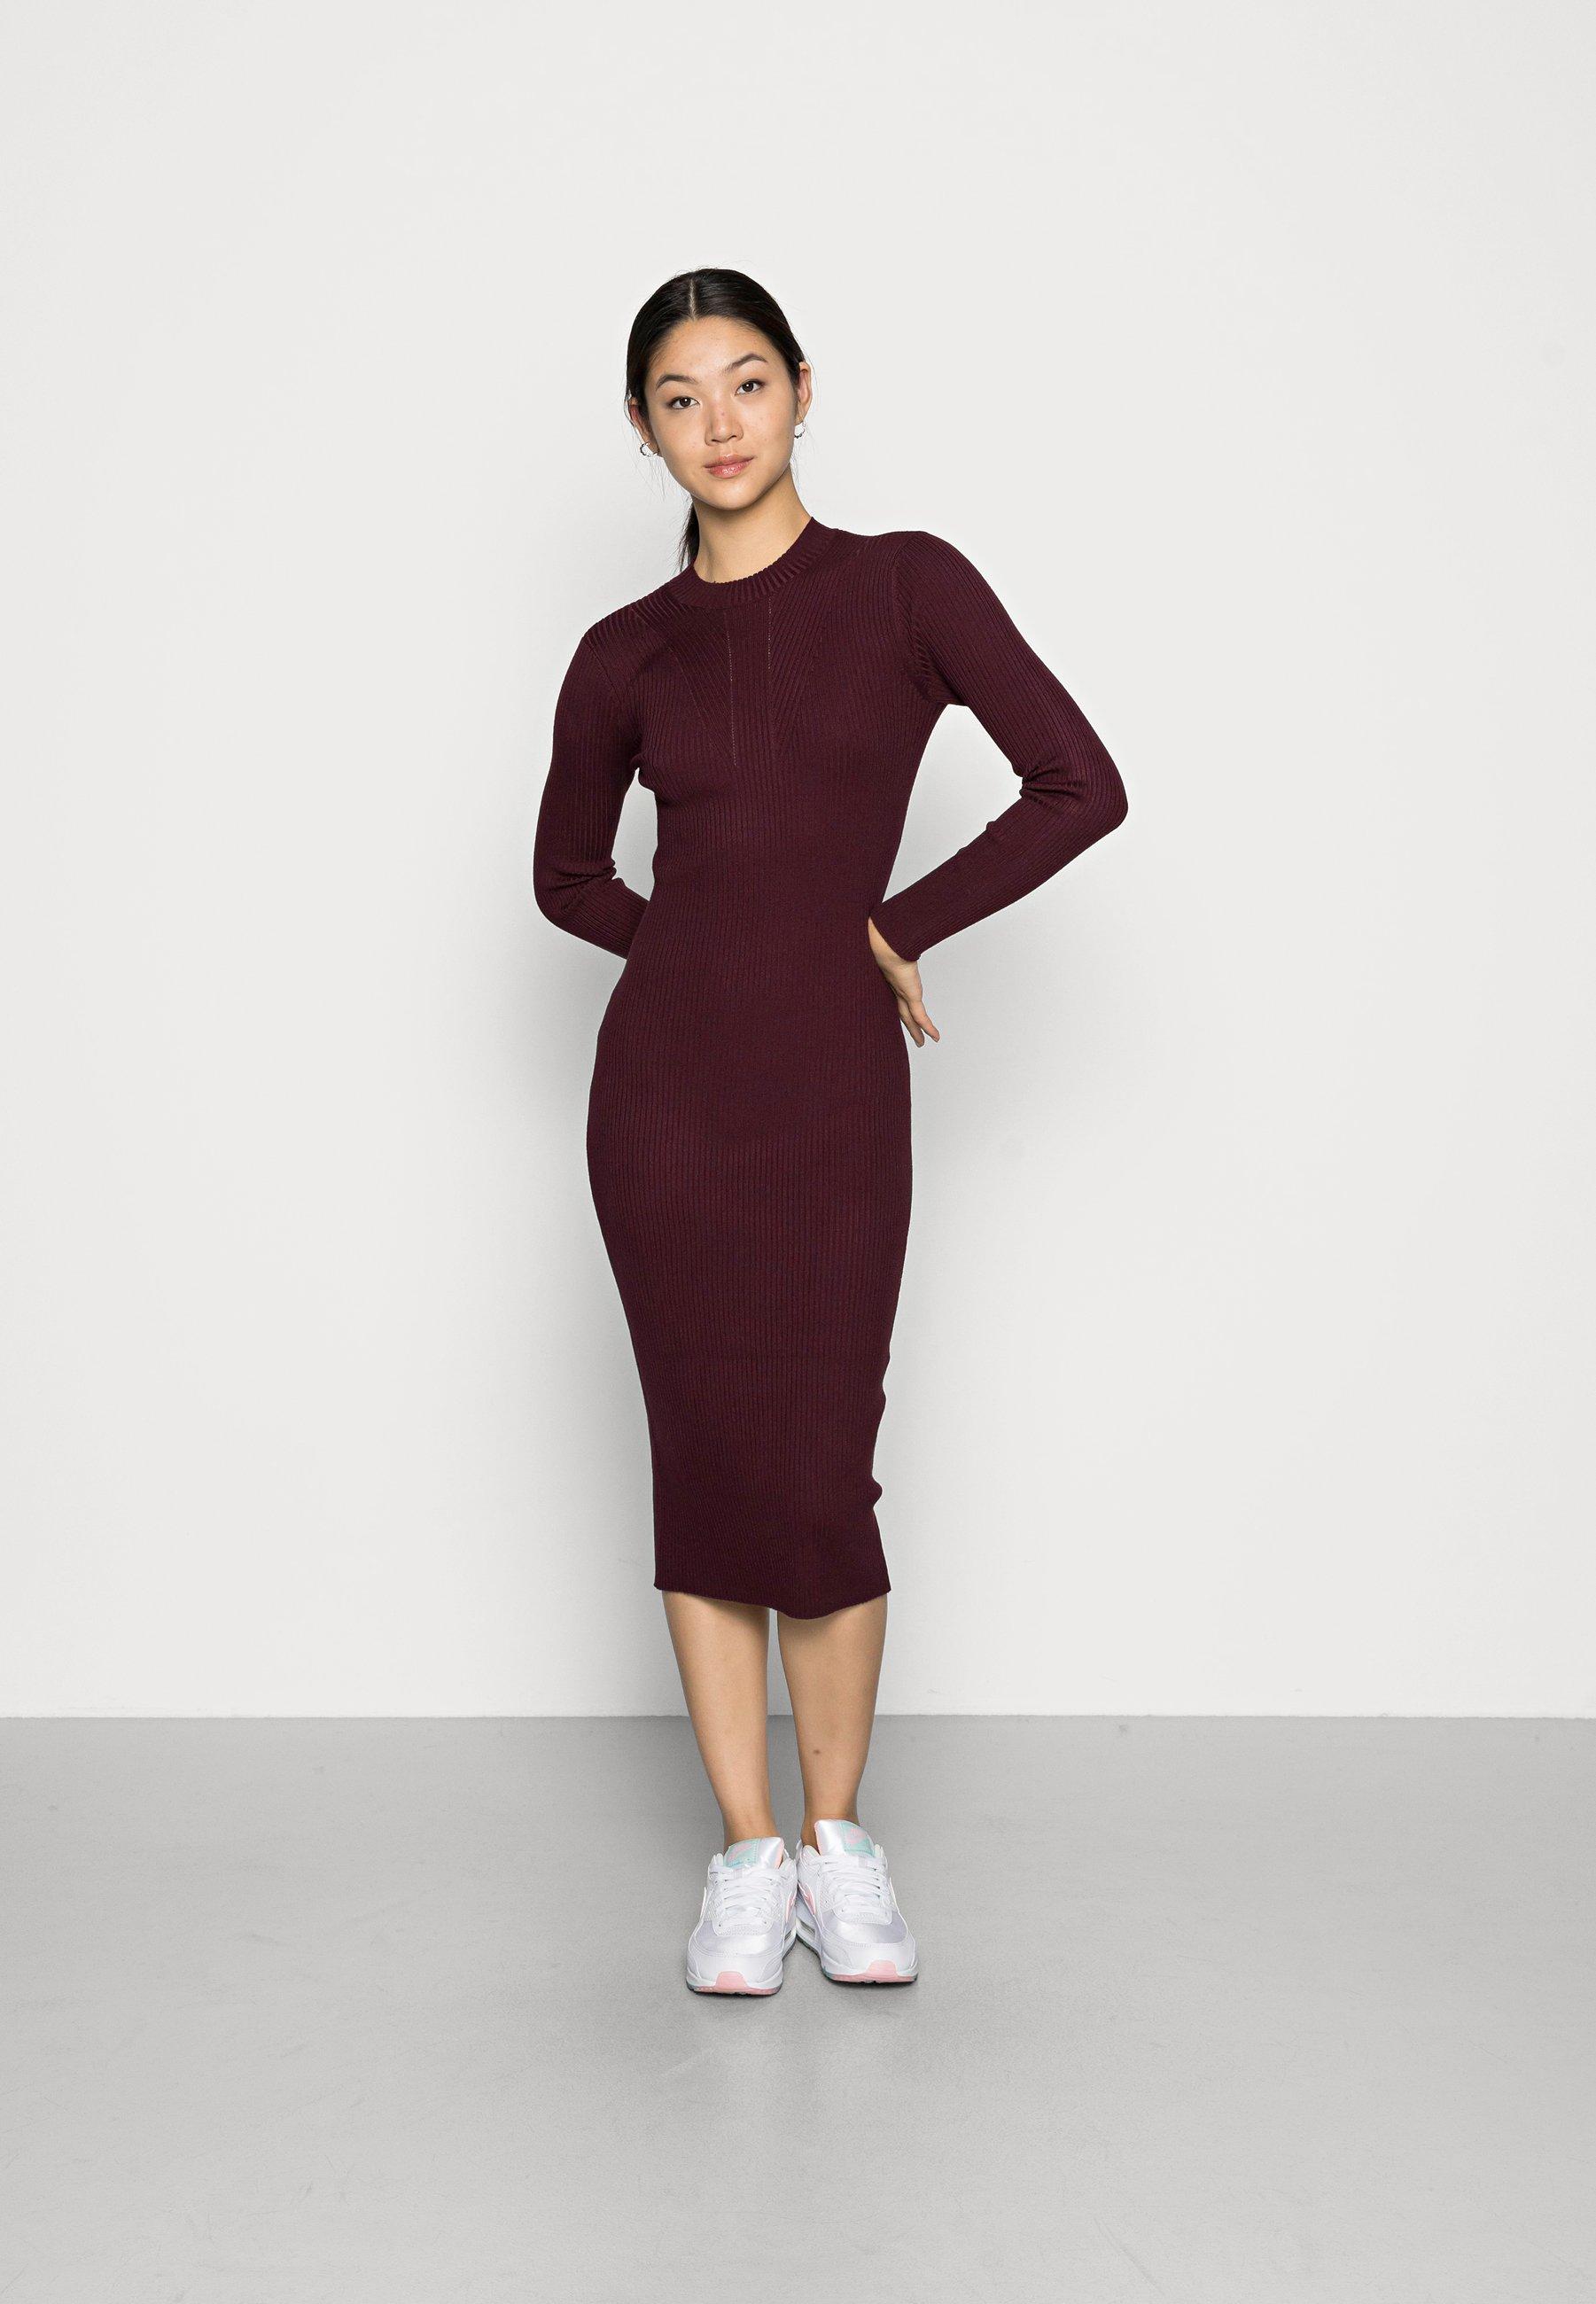 Femme KNITTA DRESS - Robe pull